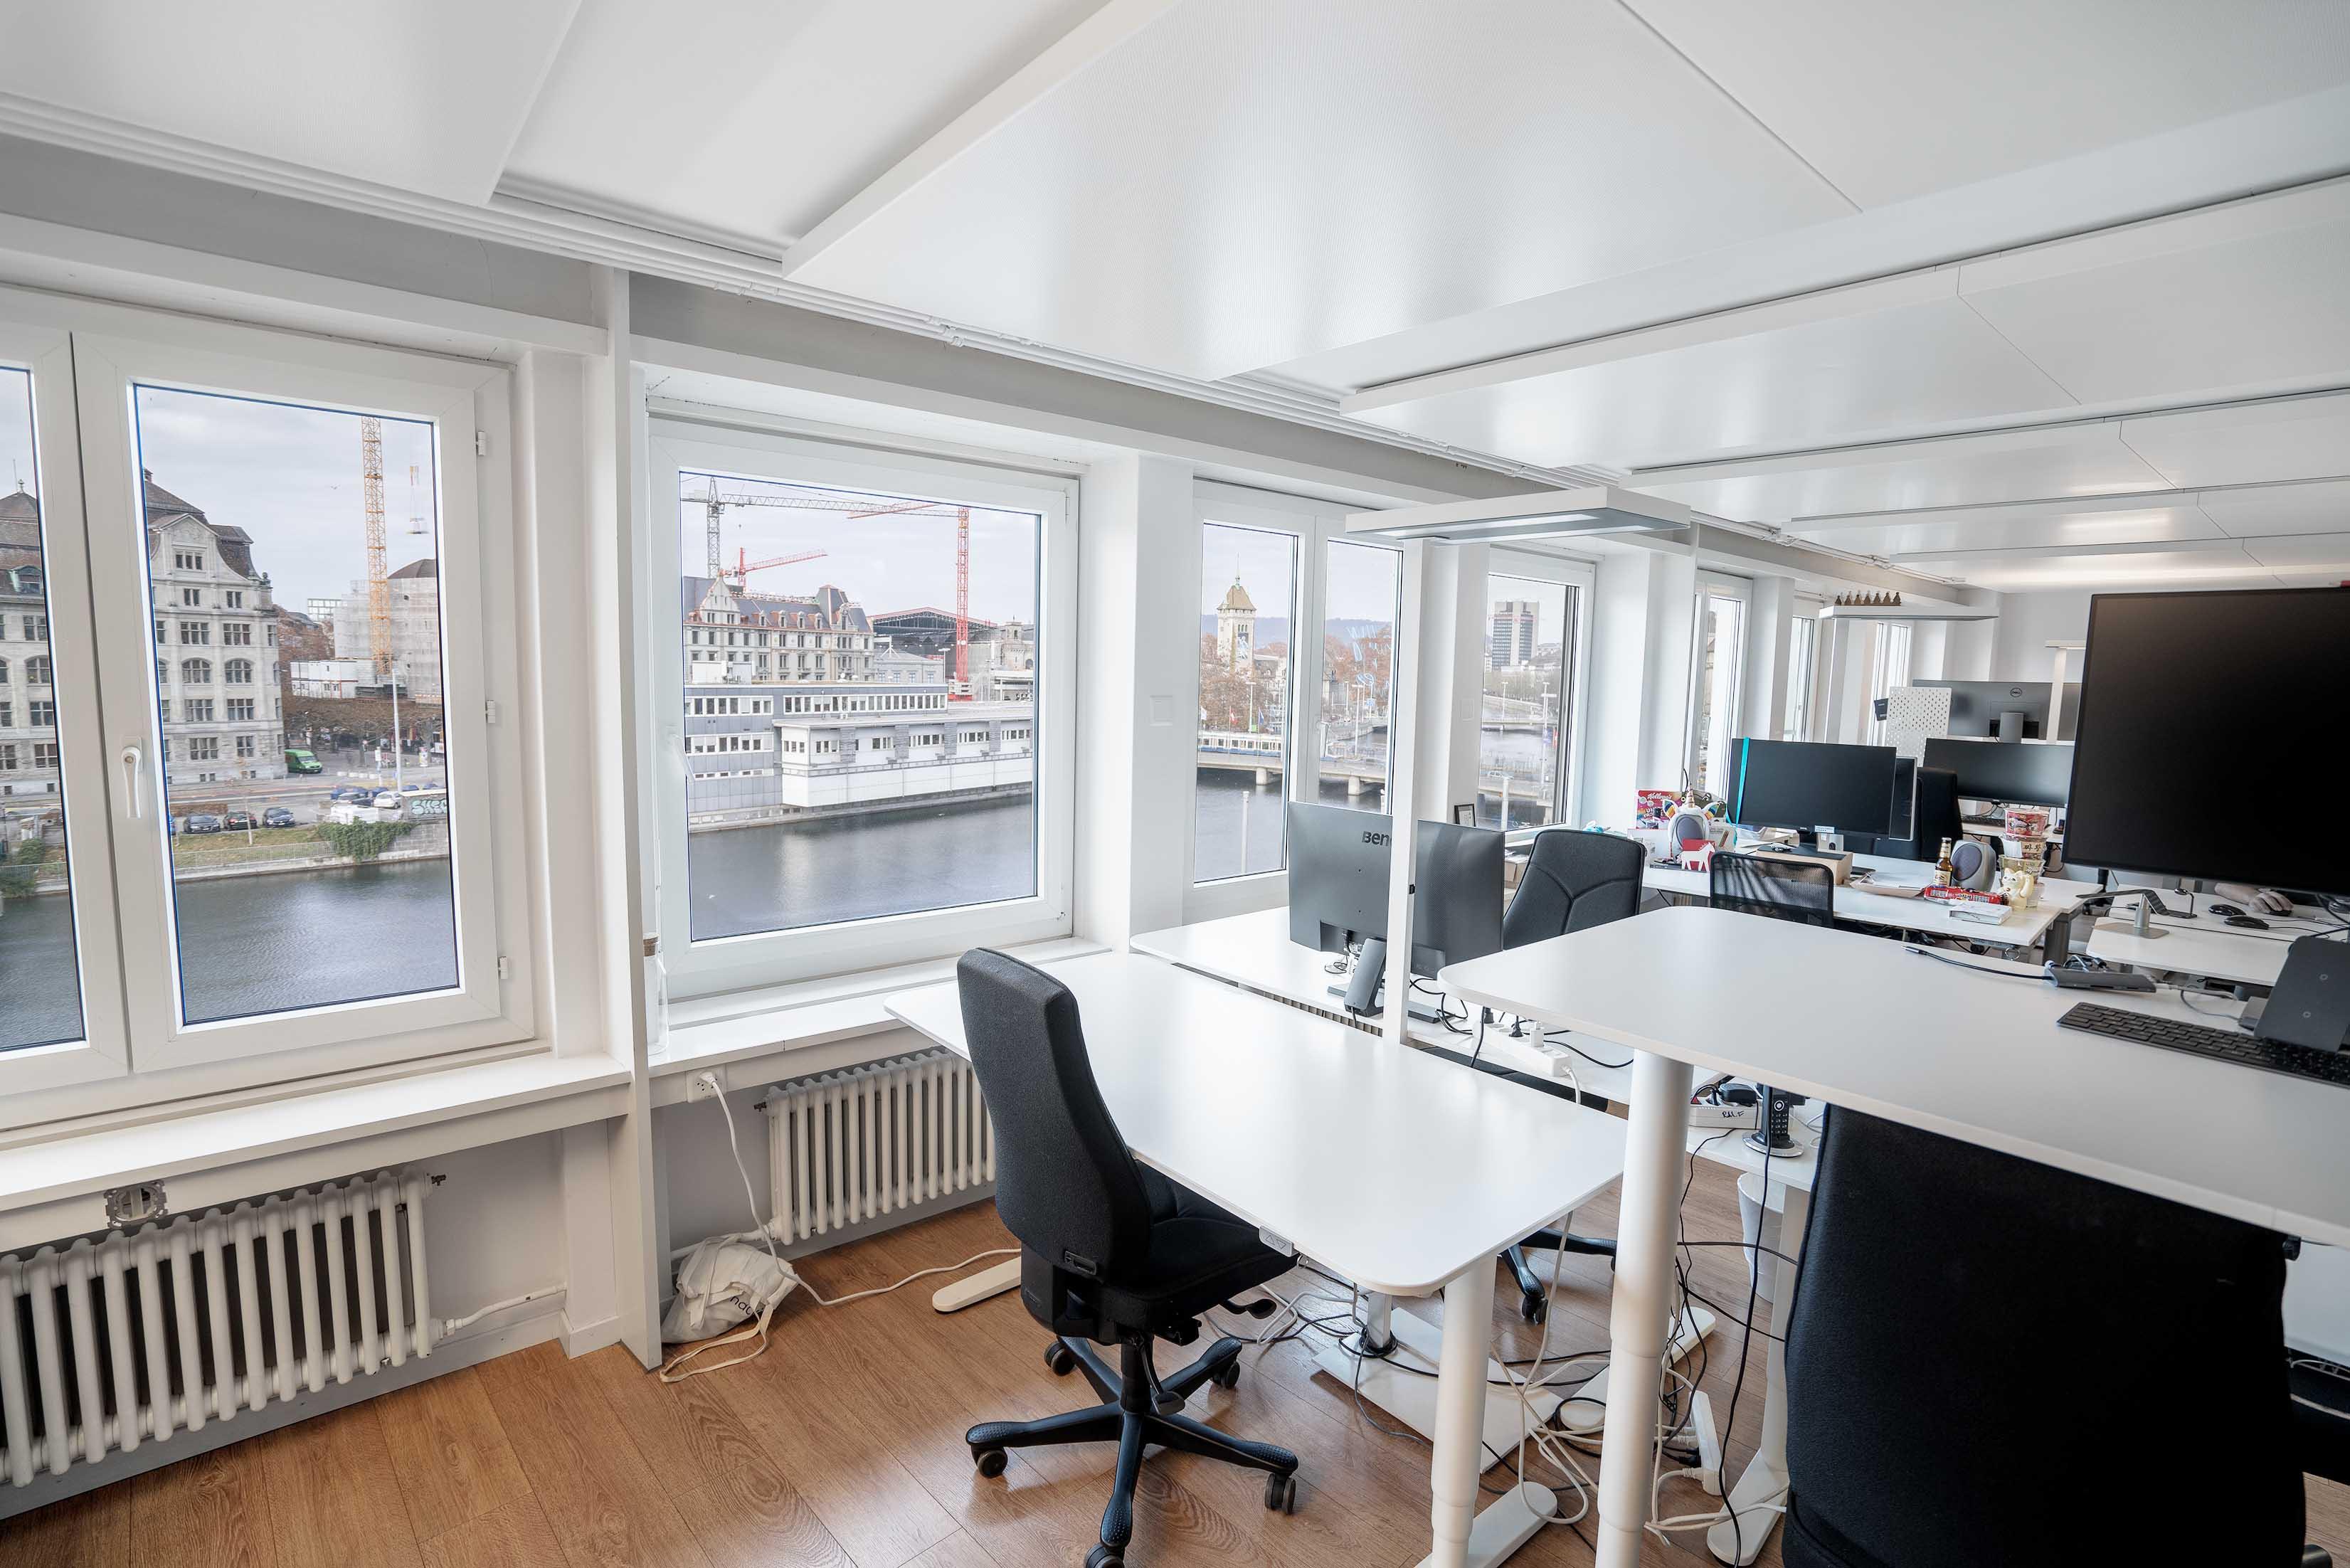 apiax regtech startup büro mieten arbeitsplatz zürich, central limmatquai vermieten